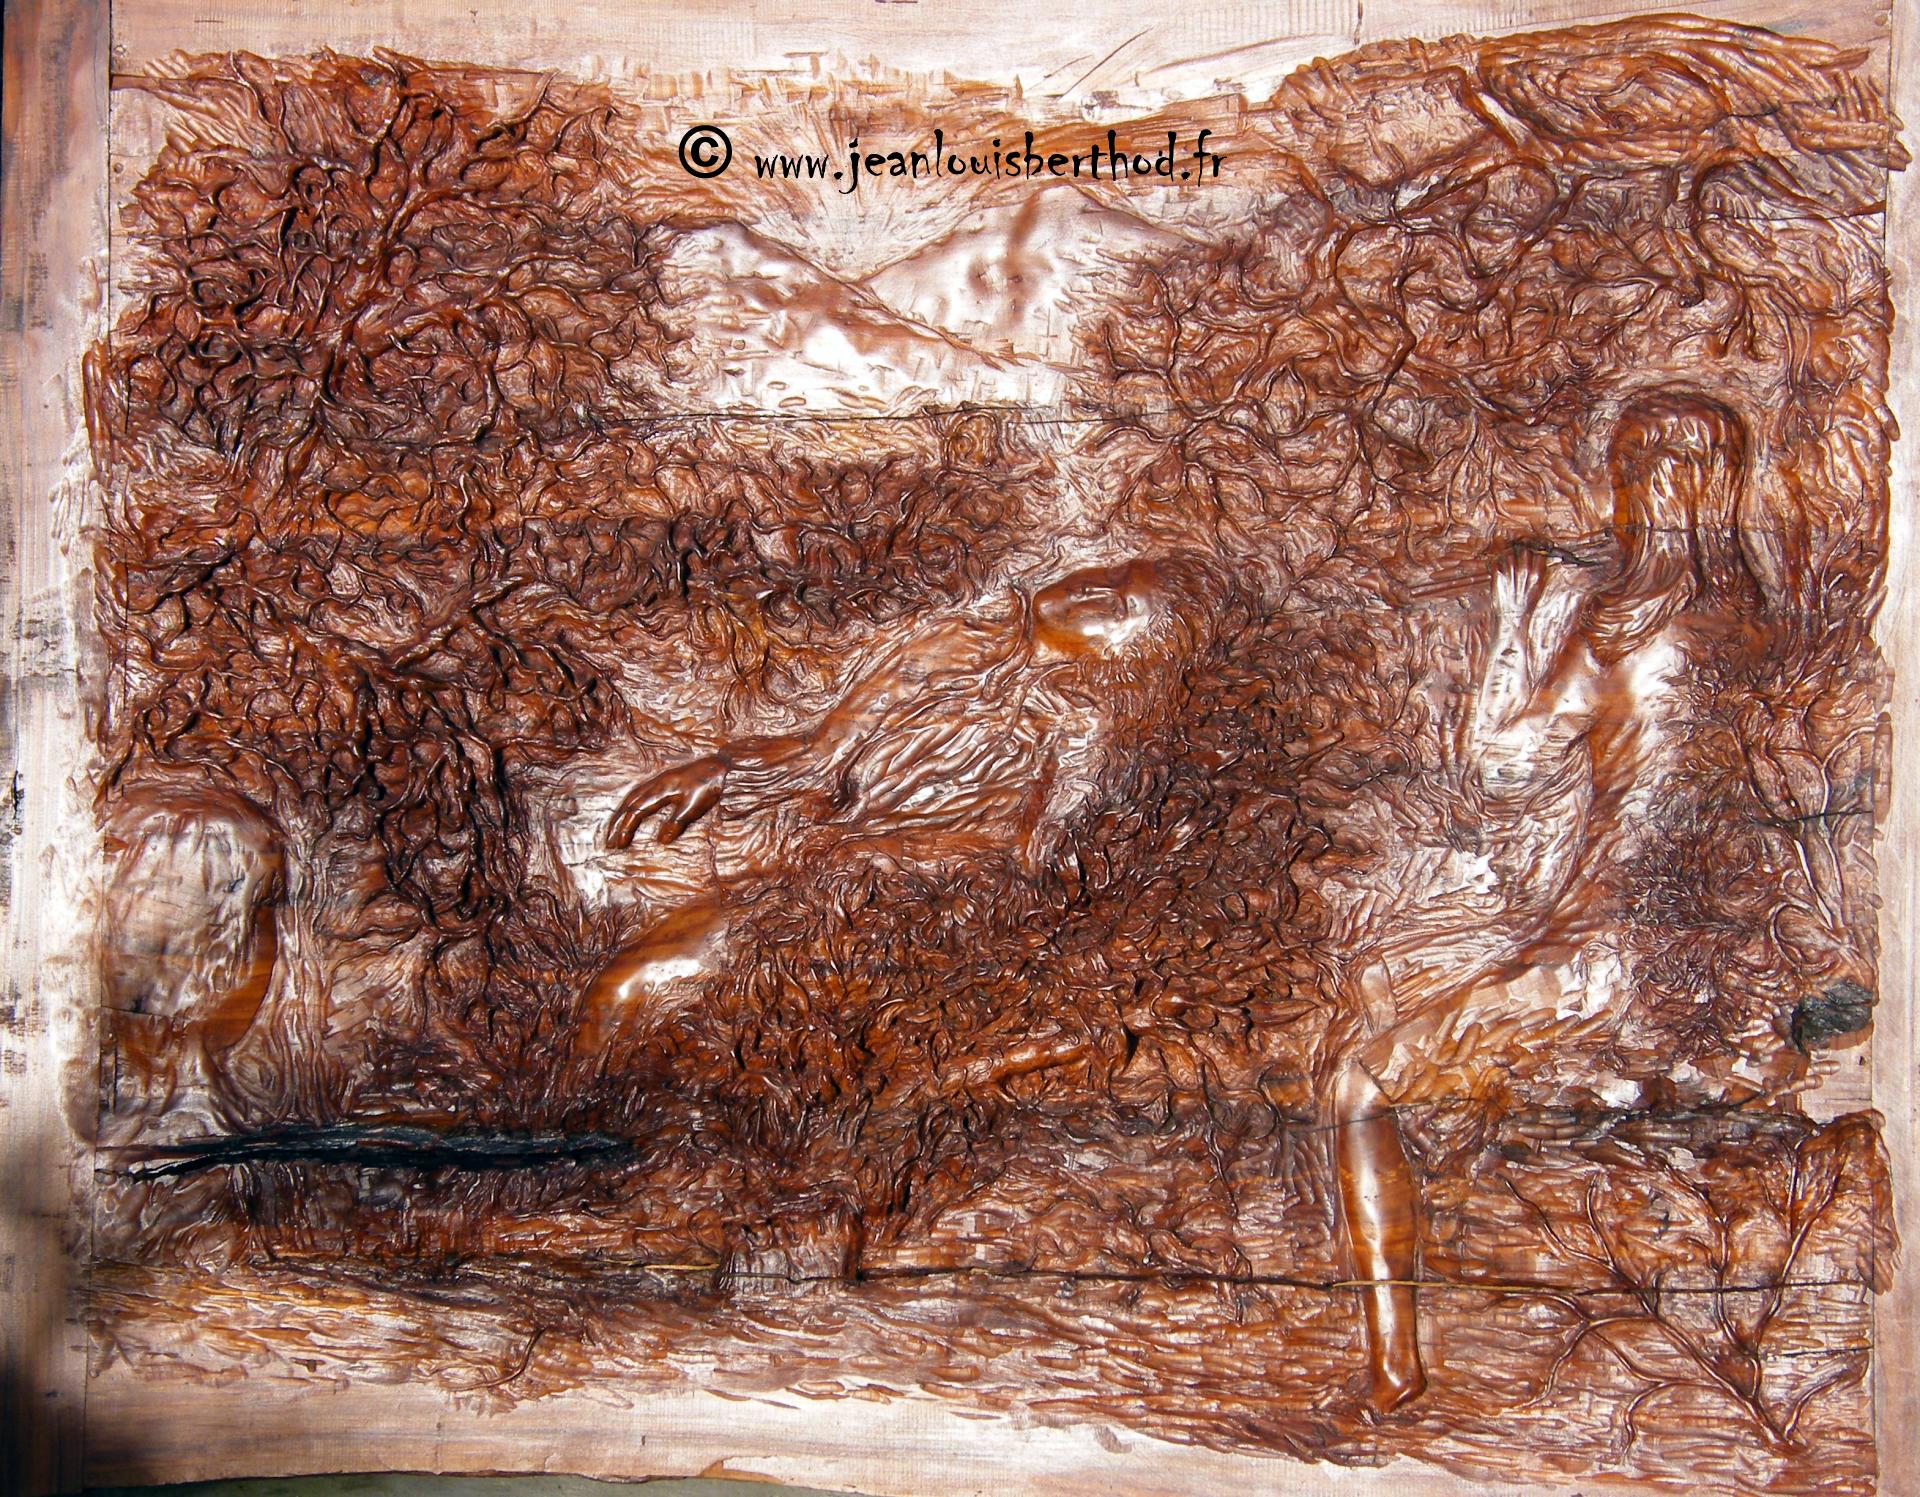 Sculpture de jean louis berthod le dormeur du val rimbaud - Dormeur du val rimbaud ...